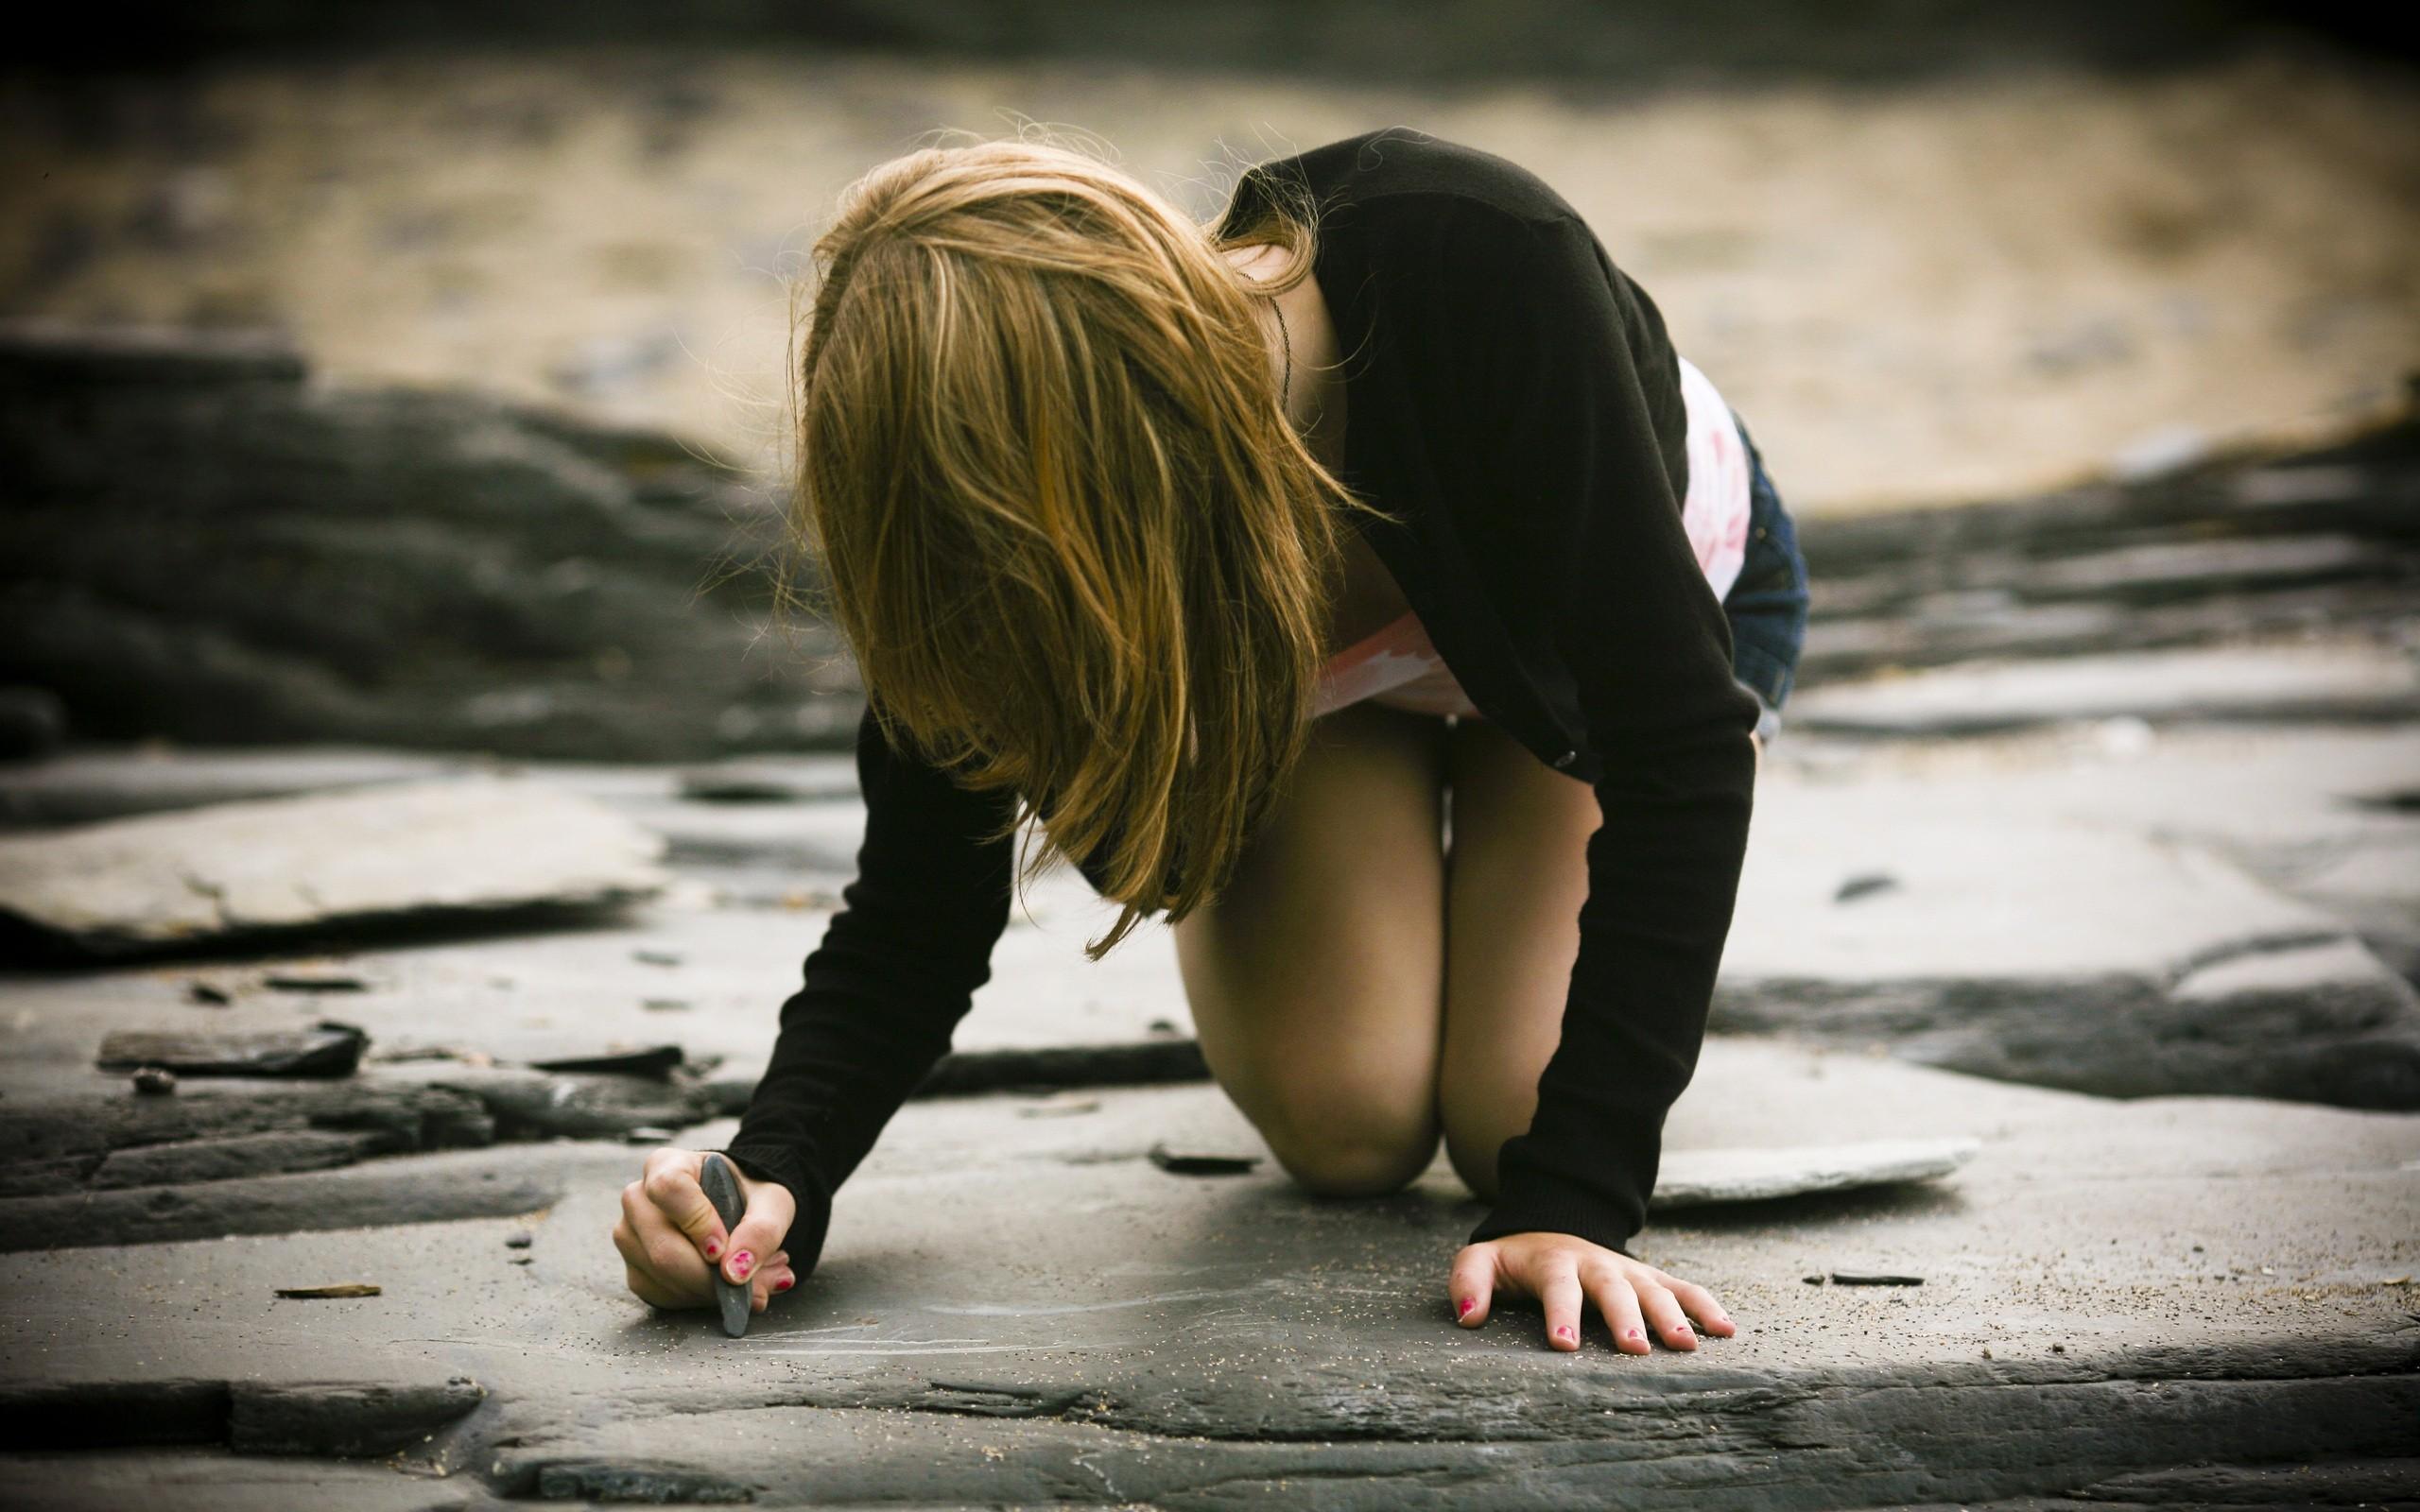 Фото как женщина занемаца любовю совчаркой 12 фотография